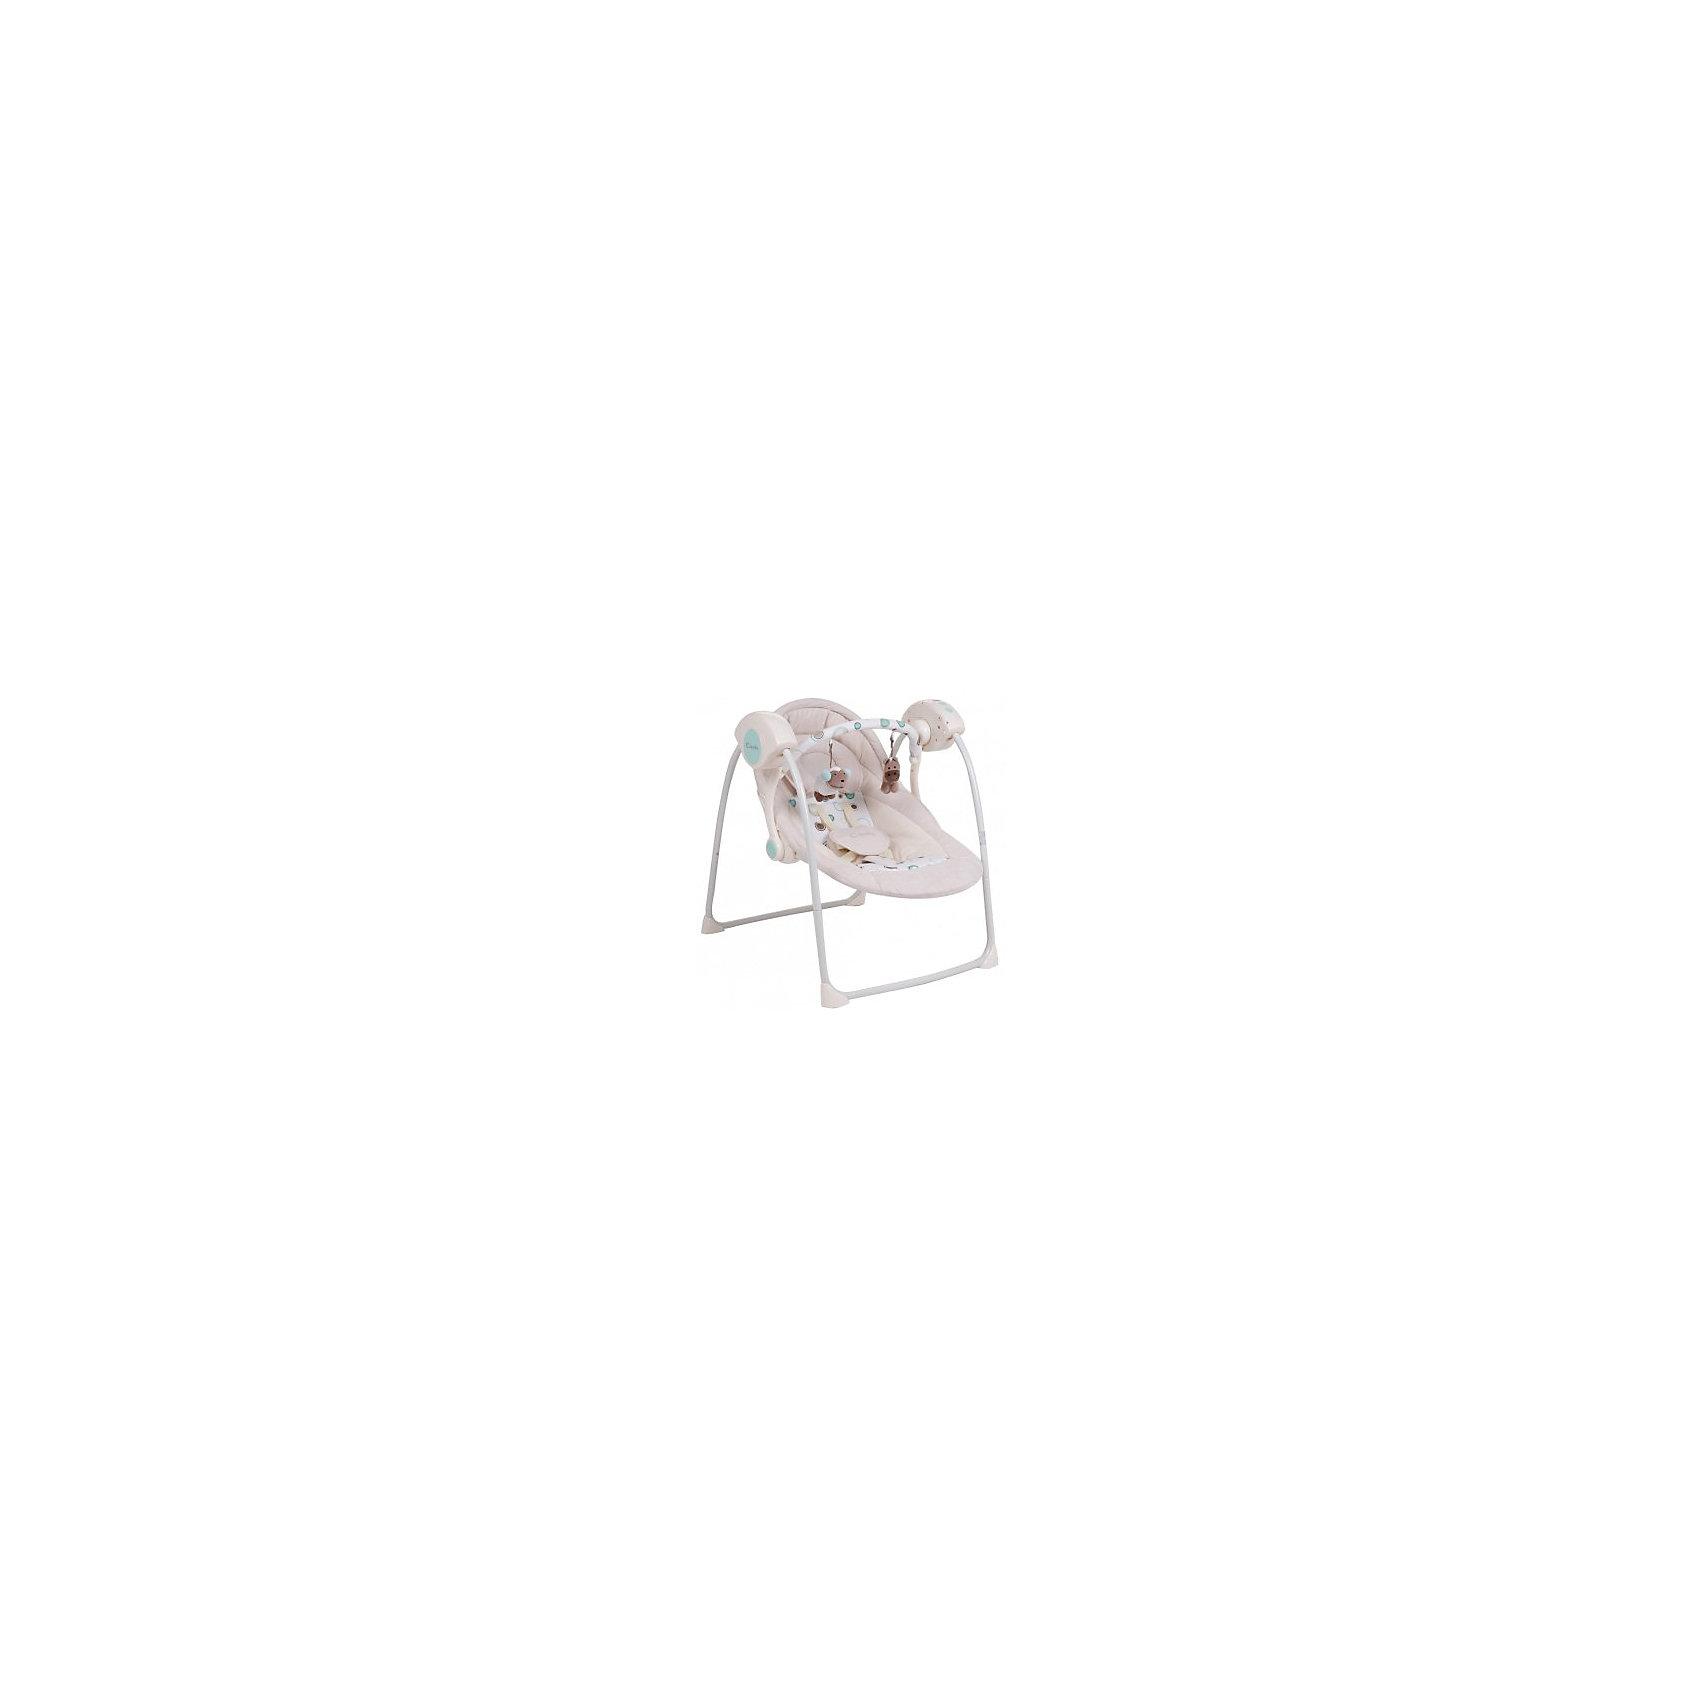 Качели TY-002B, Capella, бежевыйЗамечательные переносные электрокачели от известного бренда Capella для Вашего малыша. Станут незаменимым помощником в первые месяцы: они укачают, успокоят или отвлекут ребенка, оставив родителям время для отдыха или домашних дел. Обладают следующими особенностями:<br>- приятный бежевый цвет;<br>- съемная дуга с игрушками;<br>- мягкое комфортное сиденье с подголовником;;<br>- 2 положения наклона спинки;<br>- качественные пятиточечные ремни безопасности с удобной застежкой;<br>- съемный матрас и чехол, допускается машинная стирка;<br>- музыкальный блок с 12 убаюкивающими мелодиями;<br>- регулируемая громкость;<br>- 5 скоростей качания;<br>- тихий двигатель;<br>- прочный металлический каркас с резиновыми накладками, предотвращающими скольжение;<br>- качели легко и компактно складываются для хранения или транспортировки;<br>- таймер на 8/15/30 минут.<br>Отличная вещь для ребенка и молодых родителей!<br><br>Дополнительная информация:<br>- вес: 5000 гр.;<br>- габариты: 700х600х720 мм;<br>- цвет: бежевый;<br>- работают от батареек;<br>- для детей весом от 3 до 9 кг.<br><br>Качели Capella (Капелла) можно купить в нашем магазине<br><br>Ширина мм: 600<br>Глубина мм: 440<br>Высота мм: 150<br>Вес г: 5000<br>Возраст от месяцев: 0<br>Возраст до месяцев: 6<br>Пол: Унисекс<br>Возраст: Детский<br>SKU: 3946085